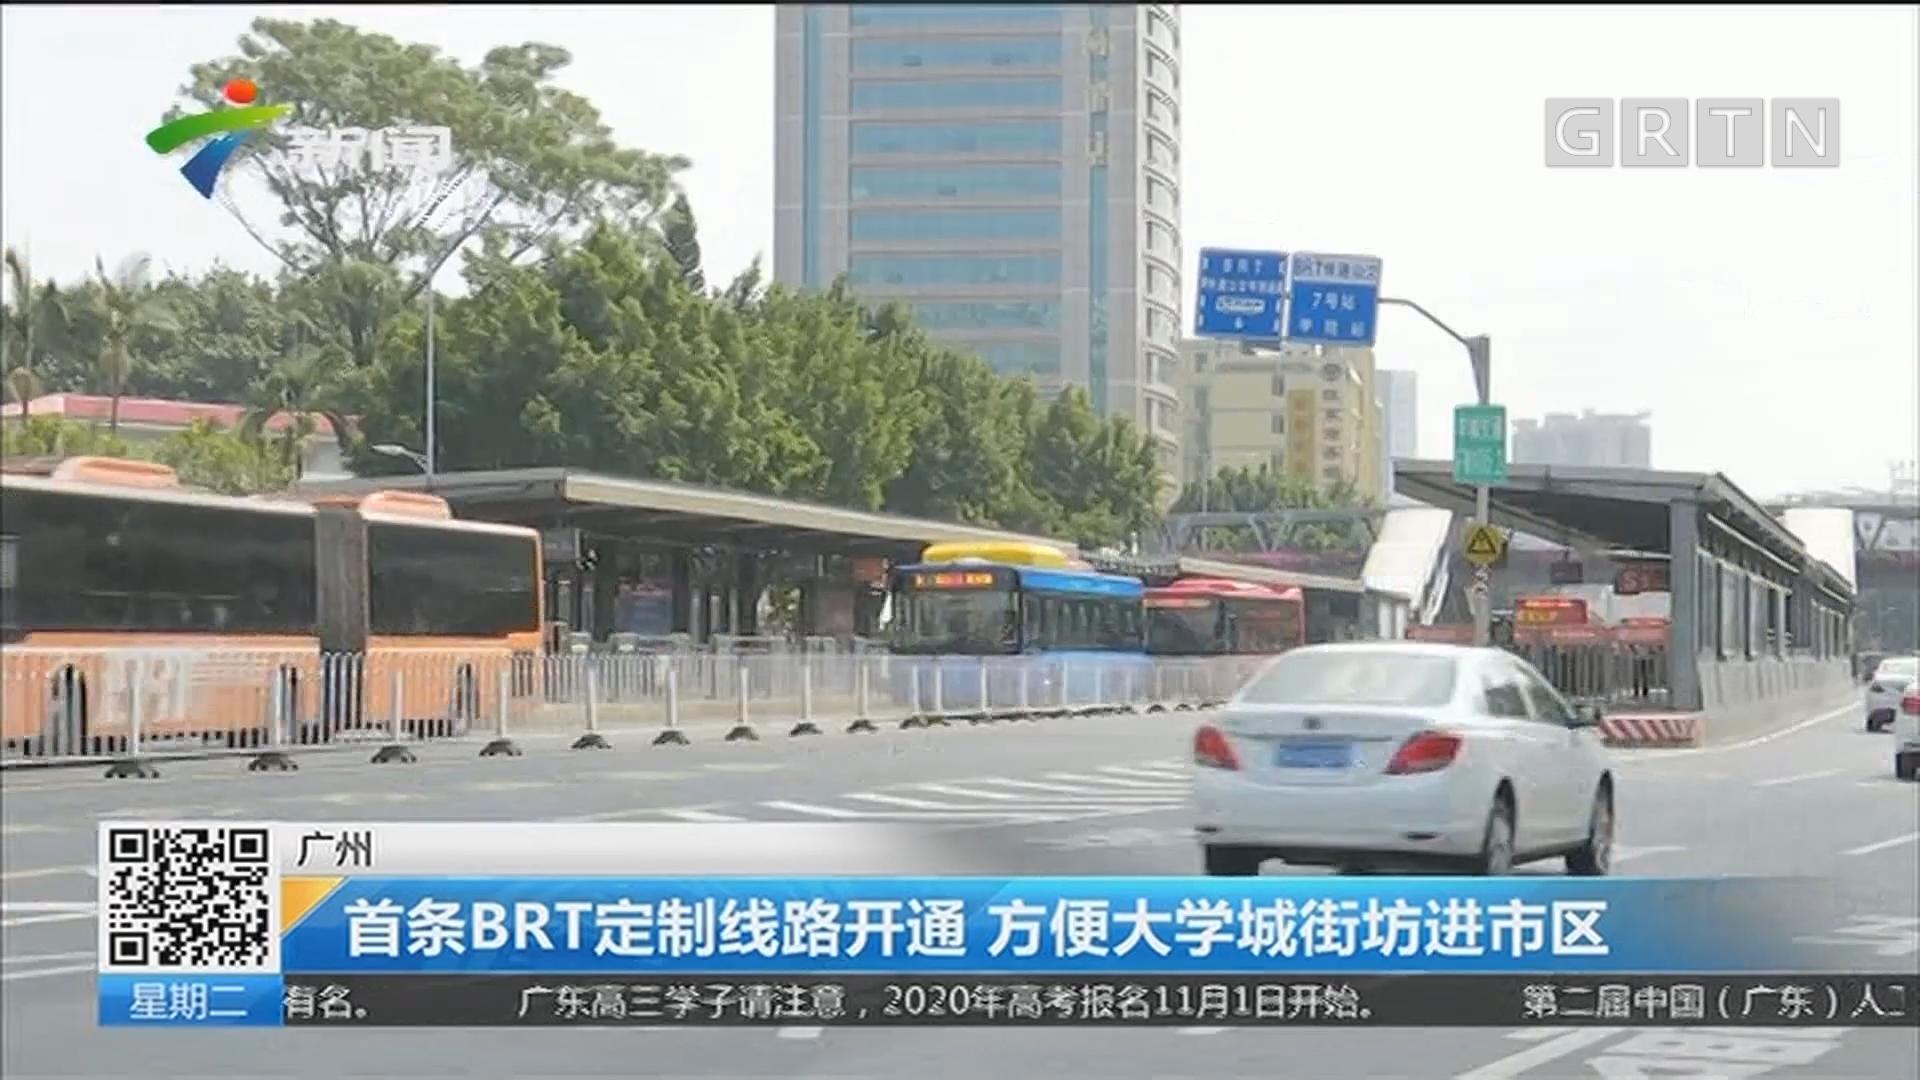 广州:首条BRT定制线路开通 方便大学城街坊进市区